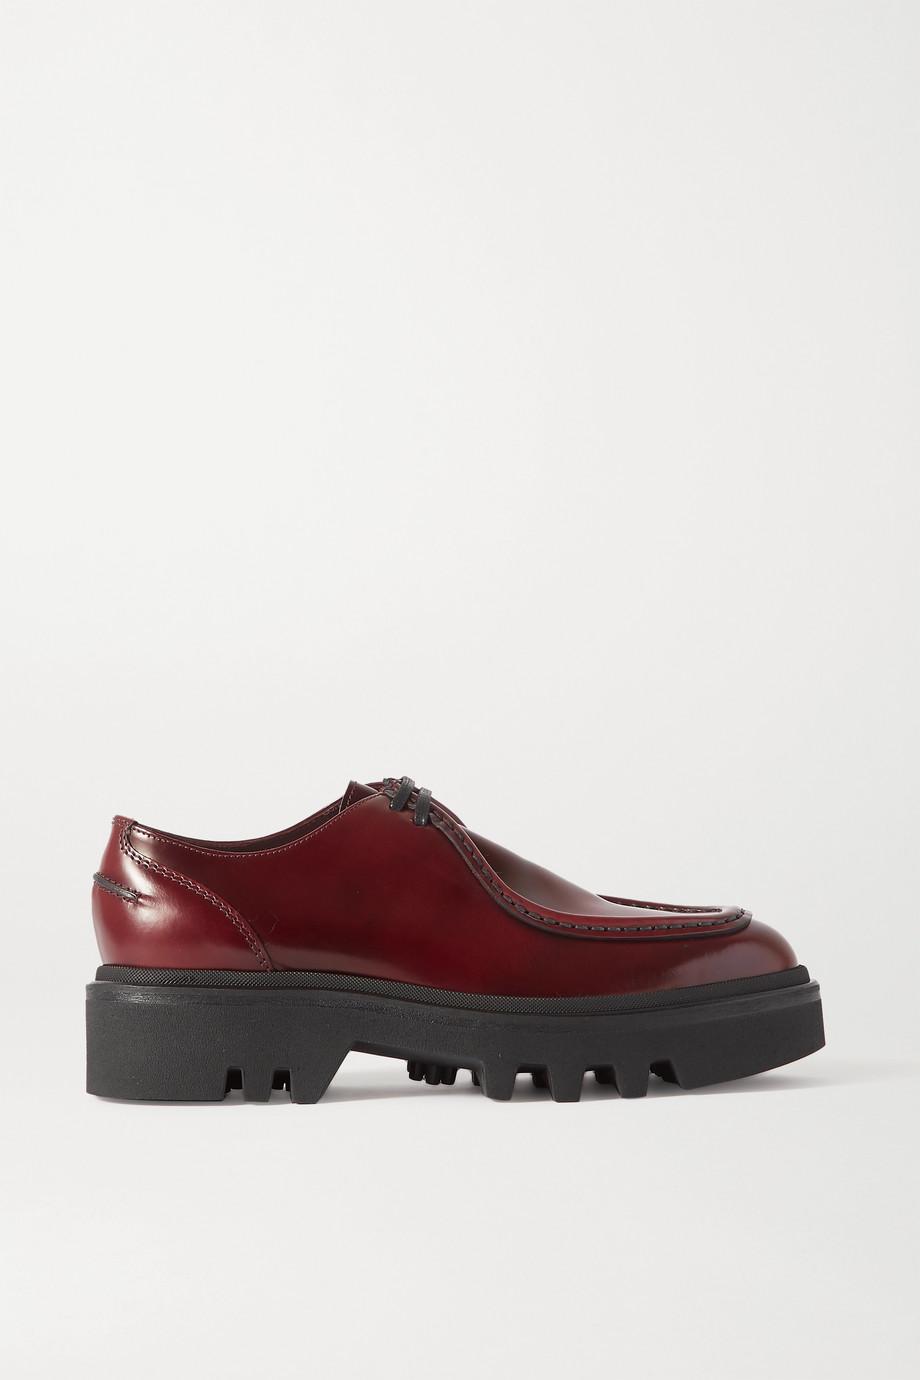 Dries Van Noten Glossed-leather platform brogues